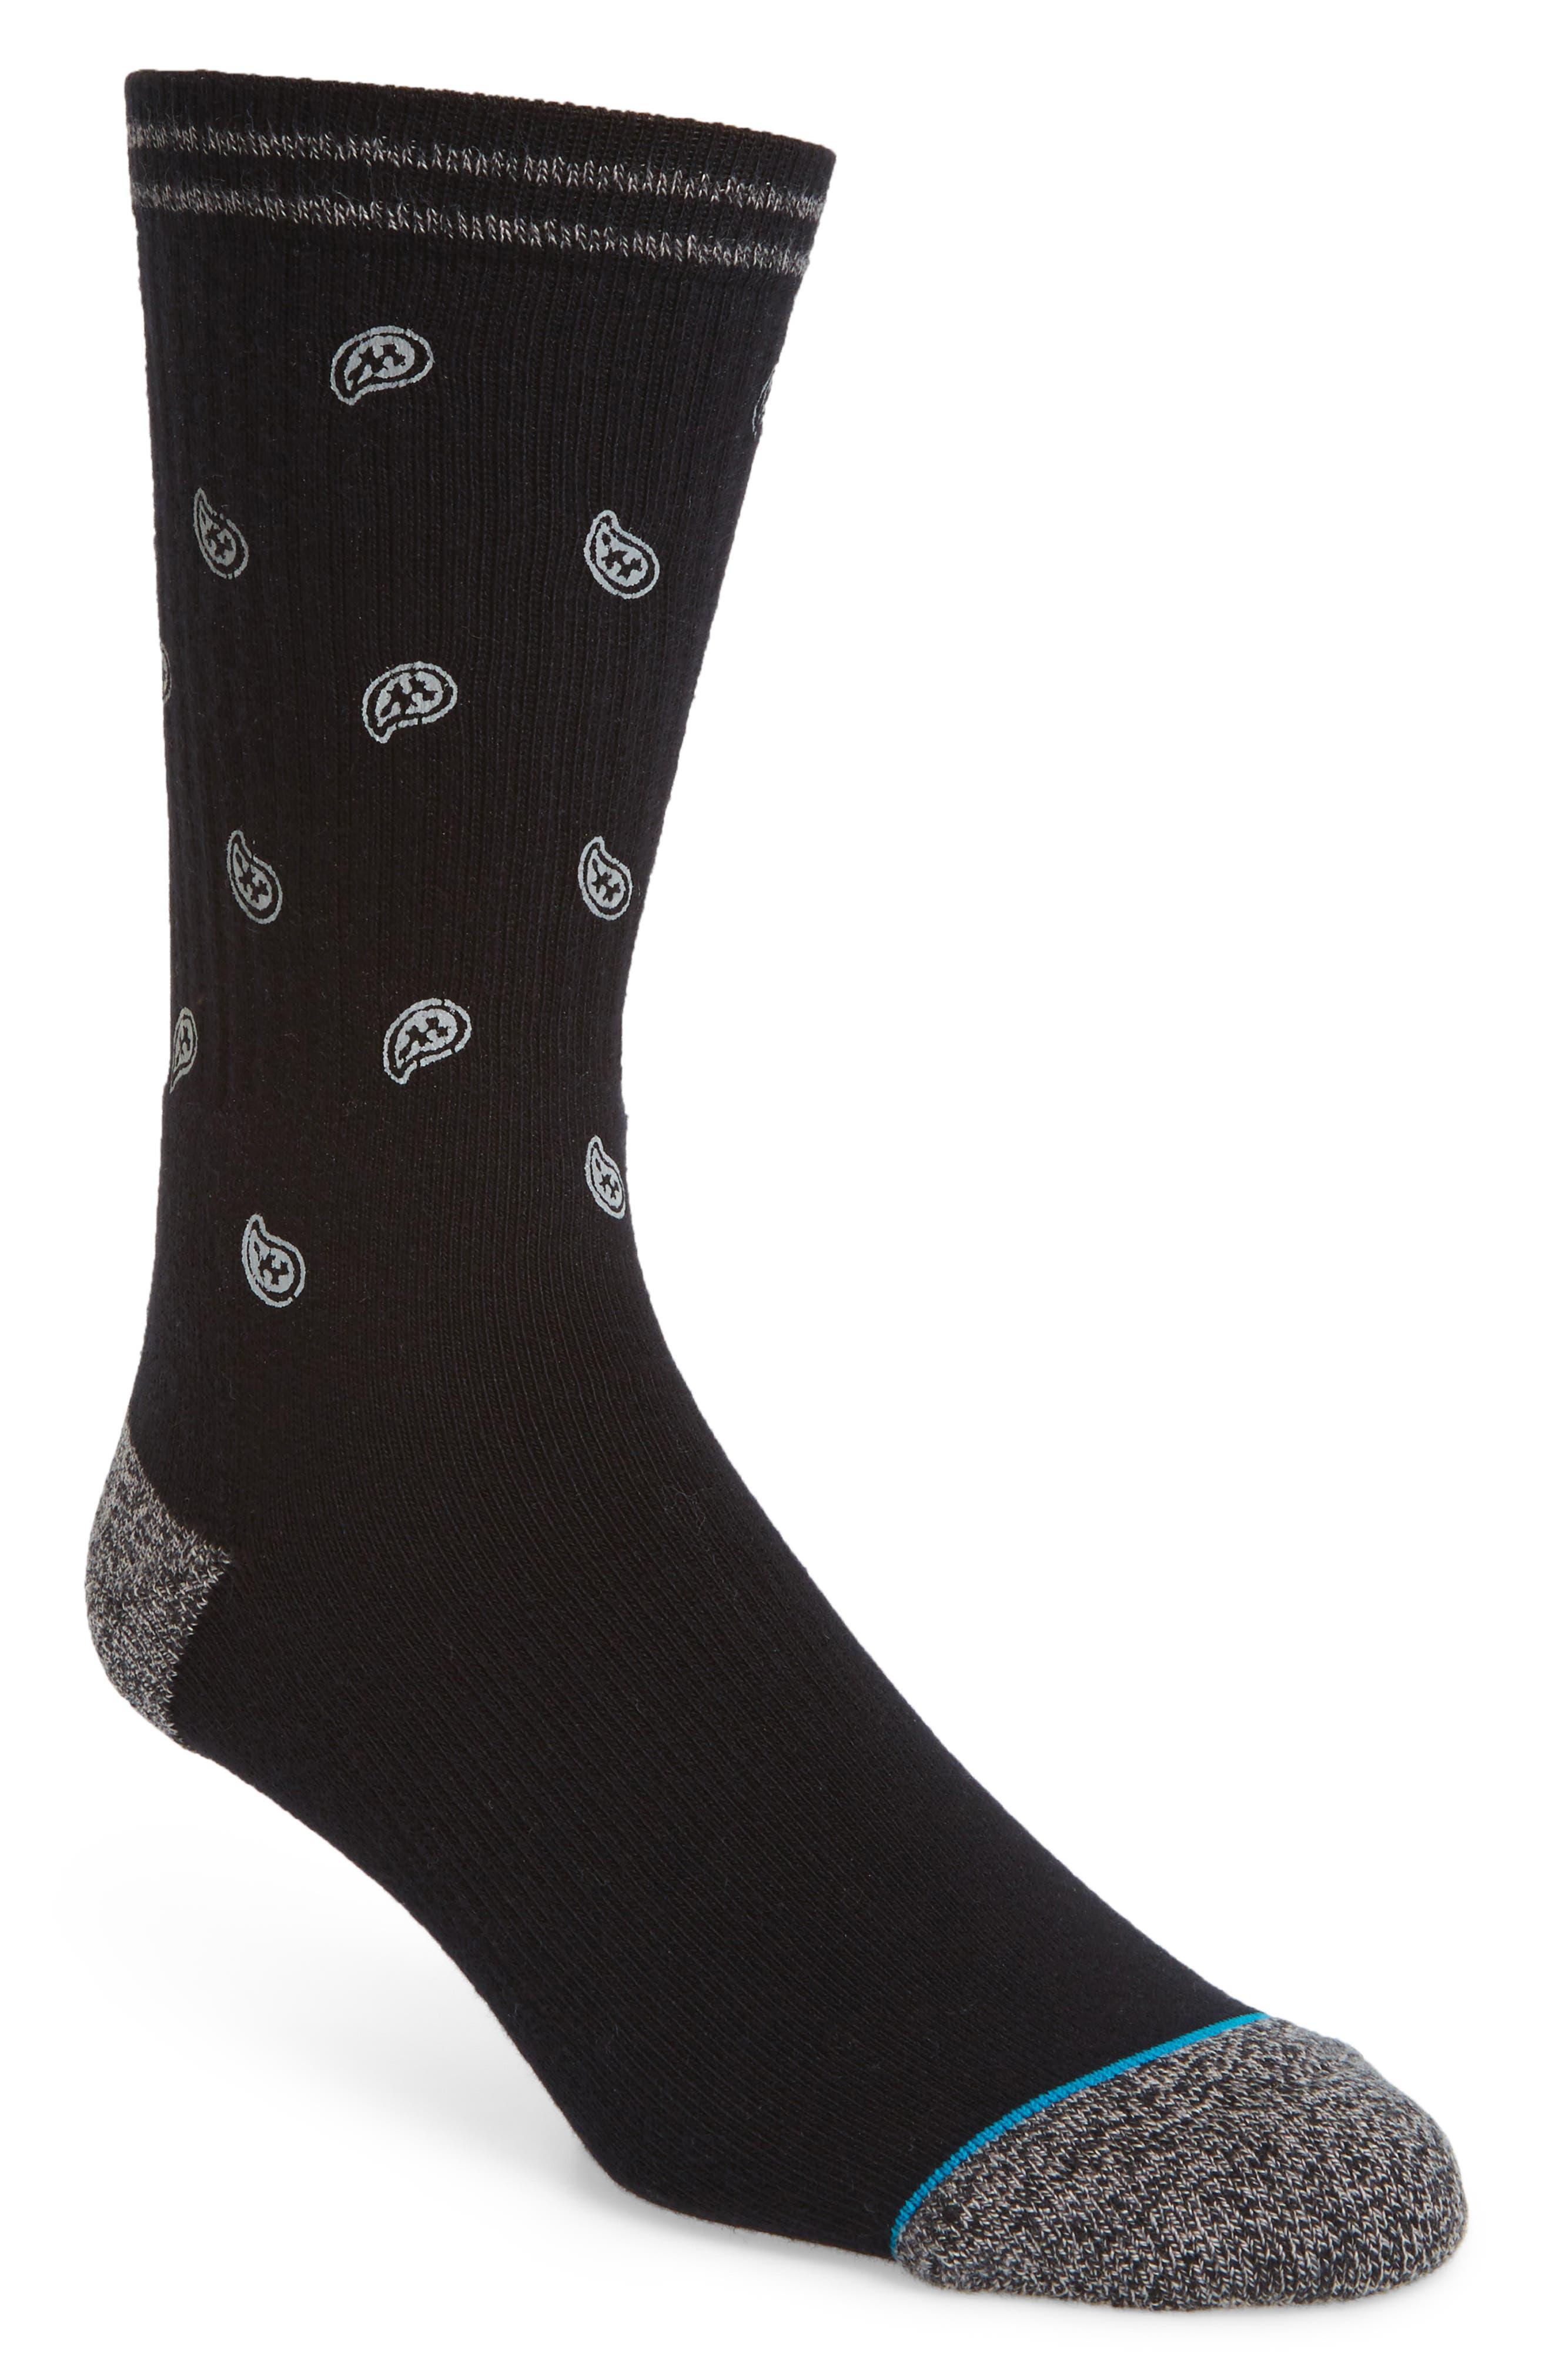 Emerge Socks,                             Main thumbnail 1, color,                             Black